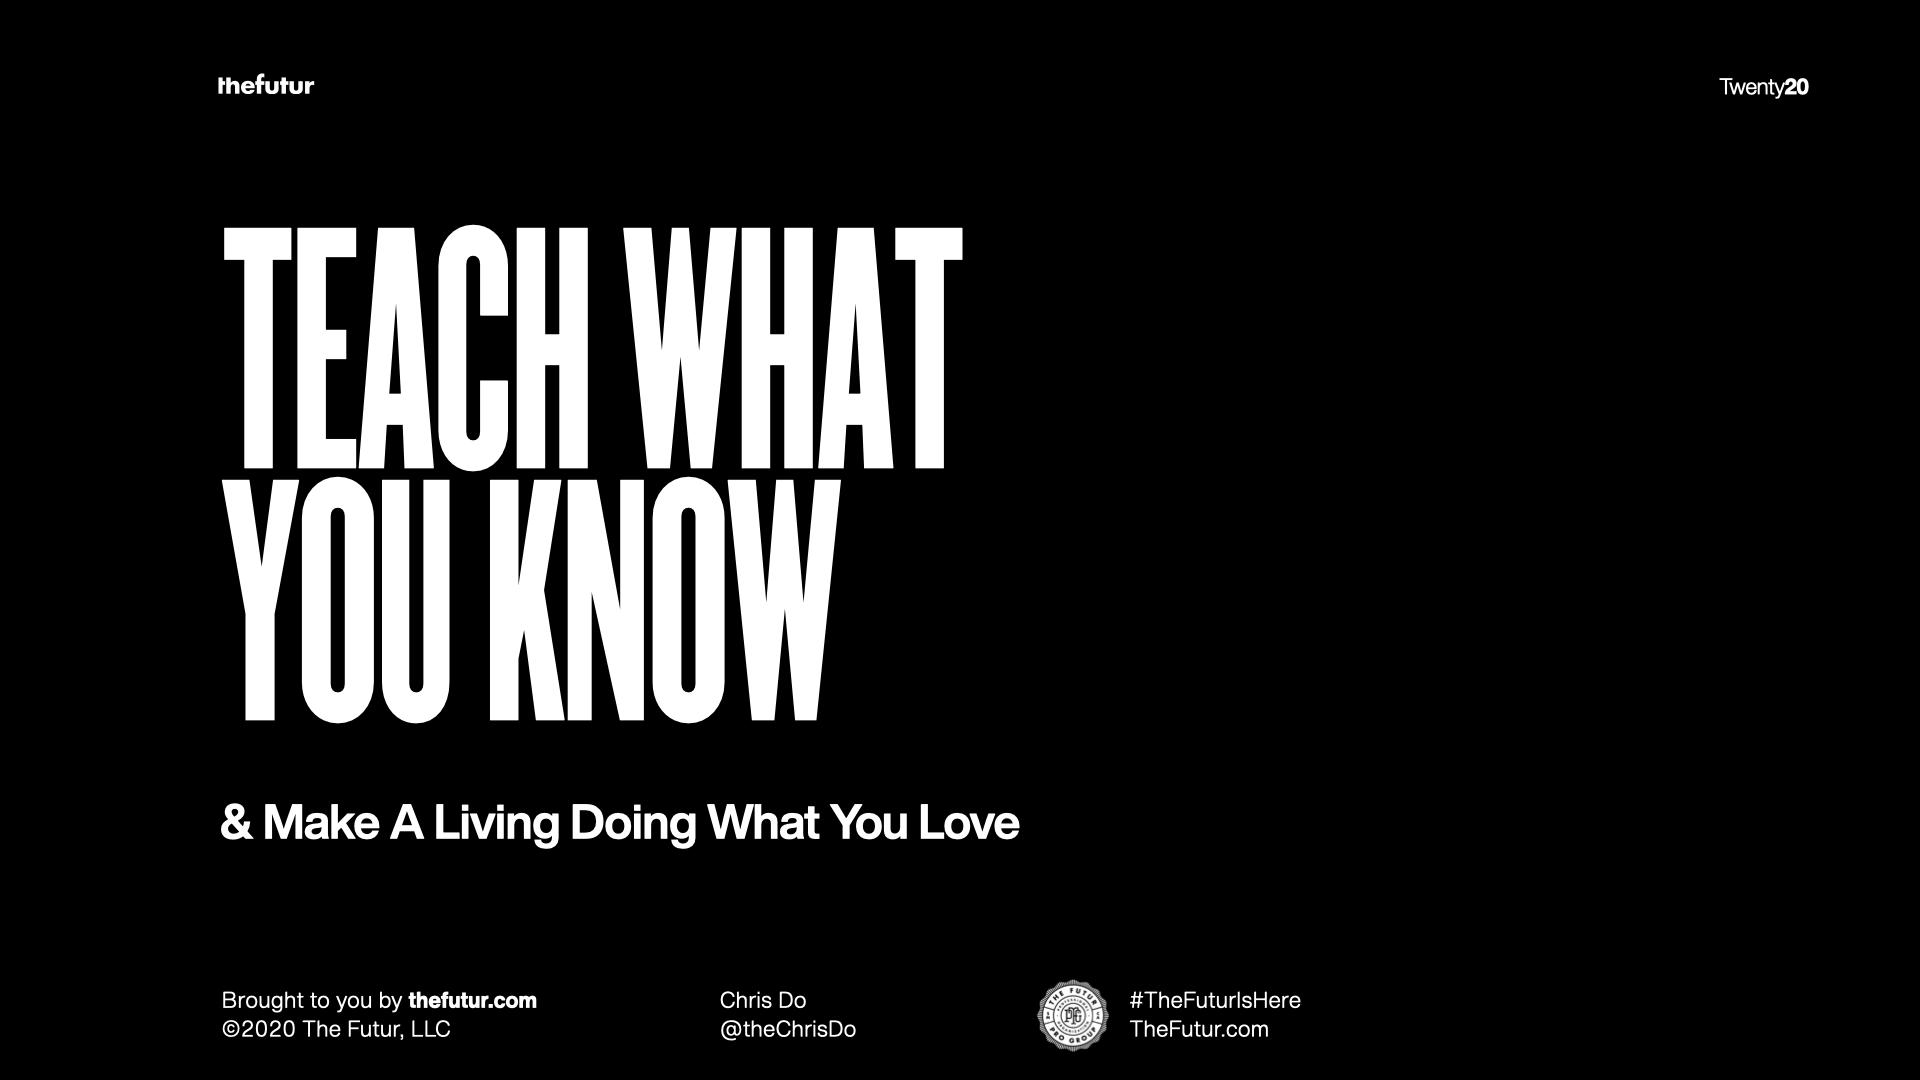 教你所知道的,做你喜欢的事来谋生